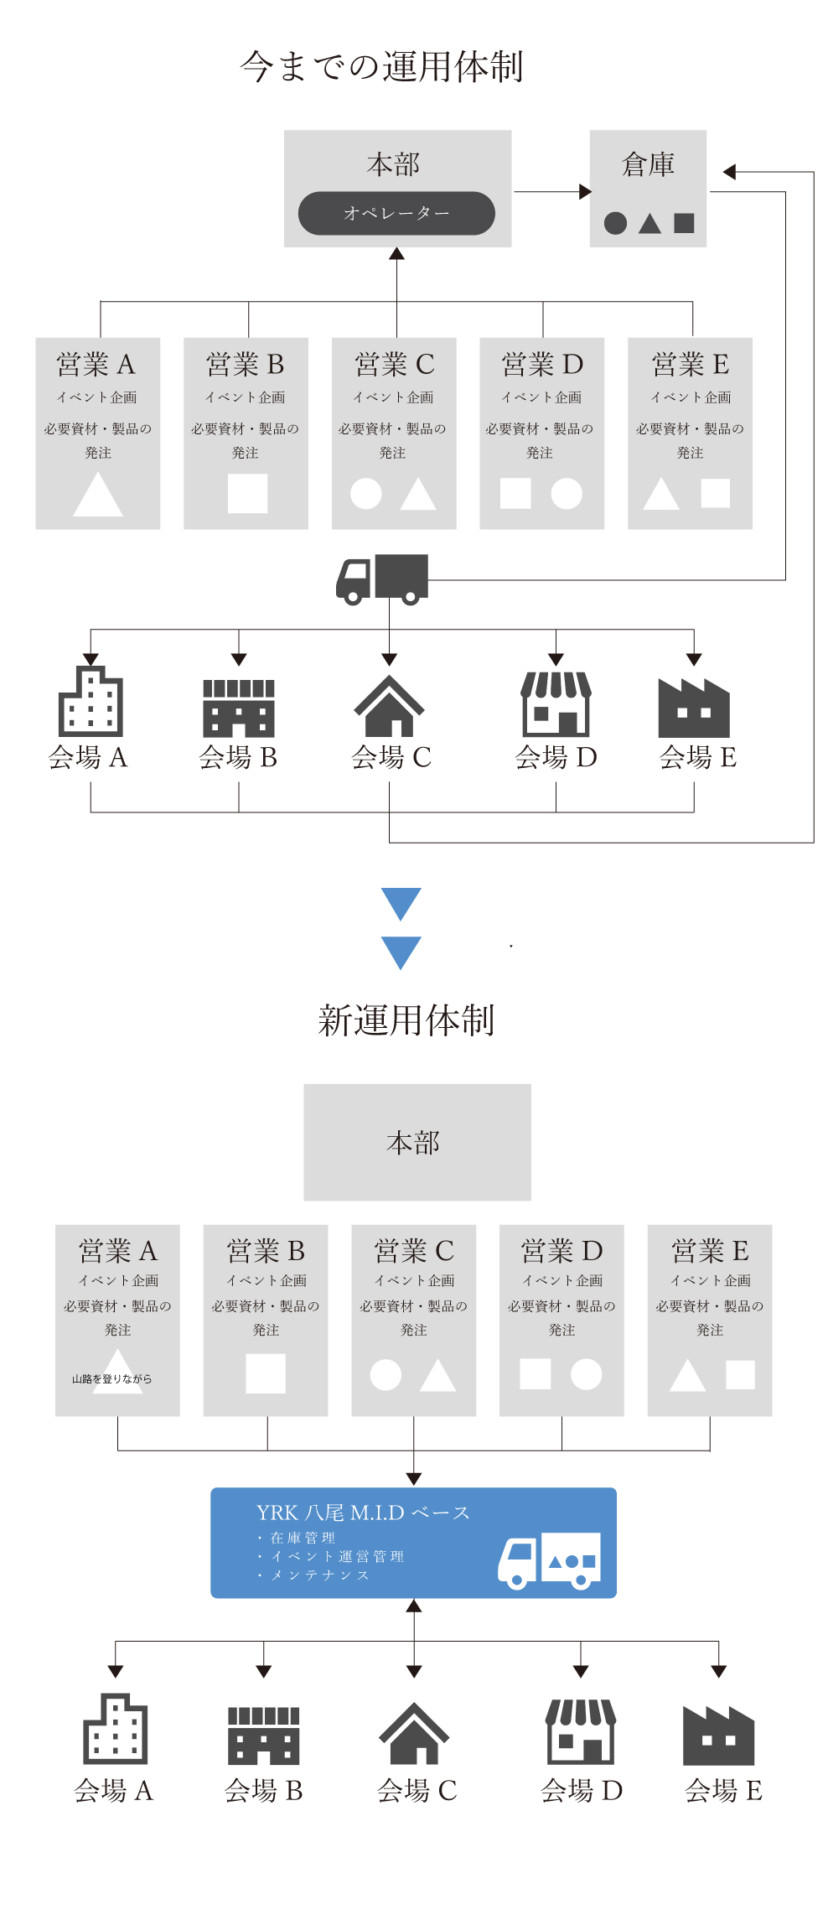 メンテナンスピットセンターによる運用フロー図